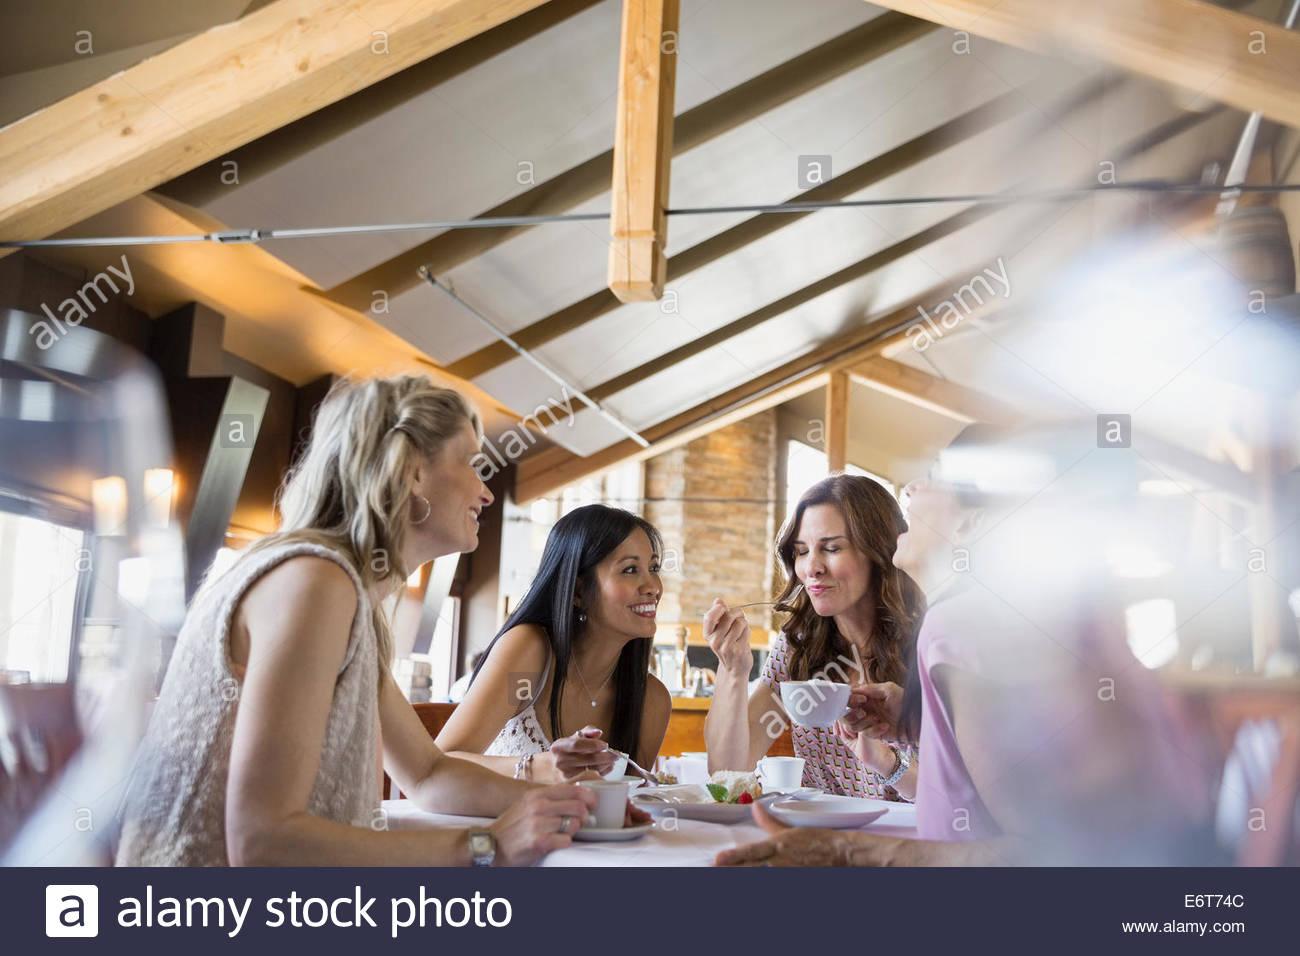 Les femmes mangent ensemble au restaurant Photo Stock